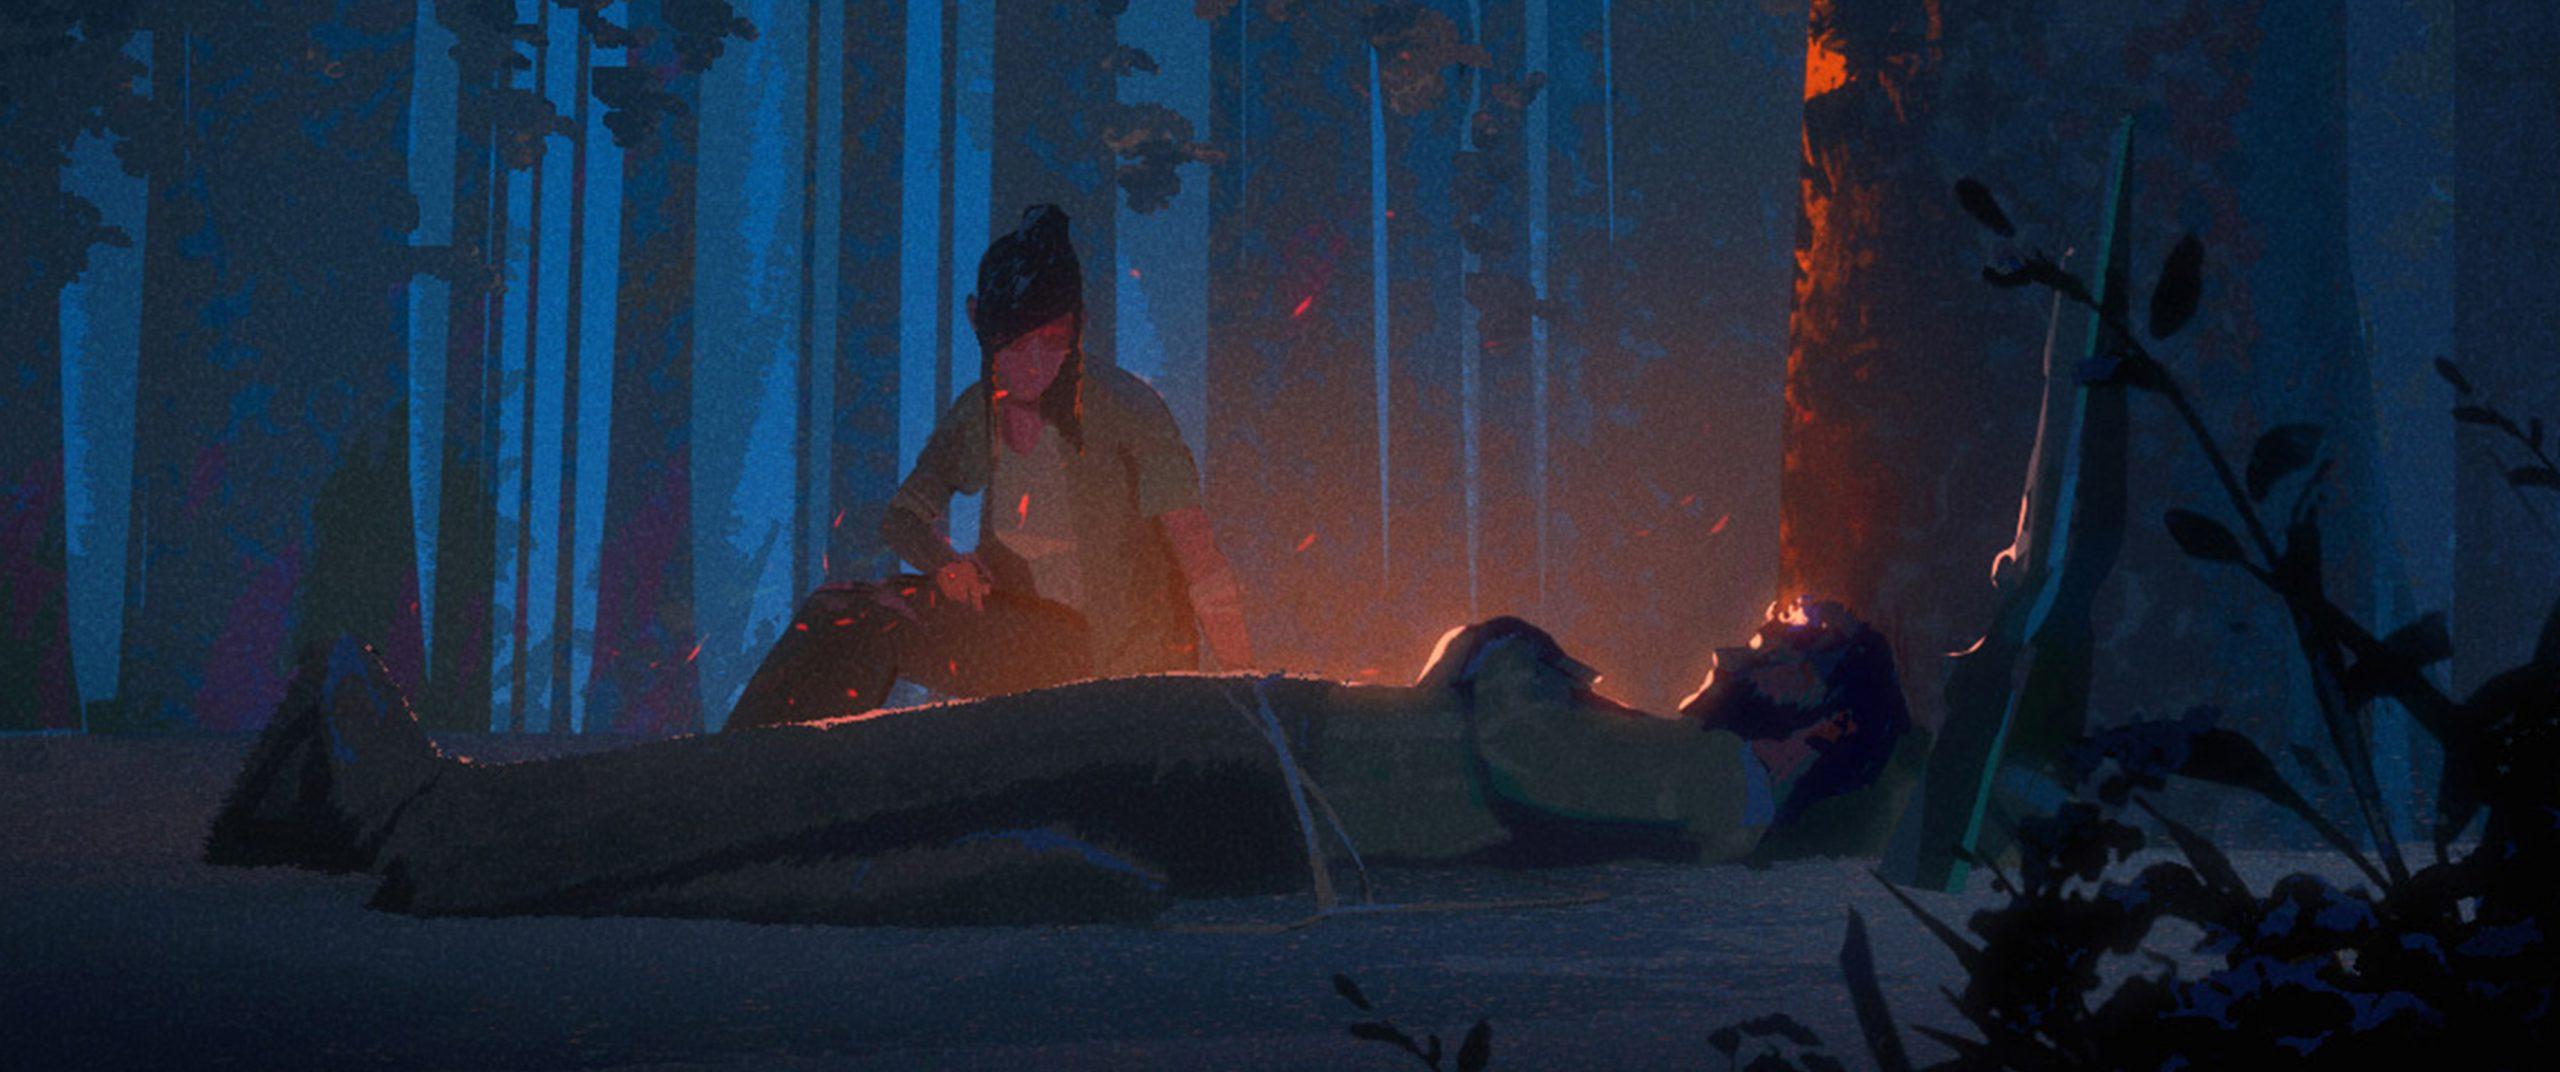 Арт: кадры из отменённого мультфильма повидеоигре The Last ofUs 4